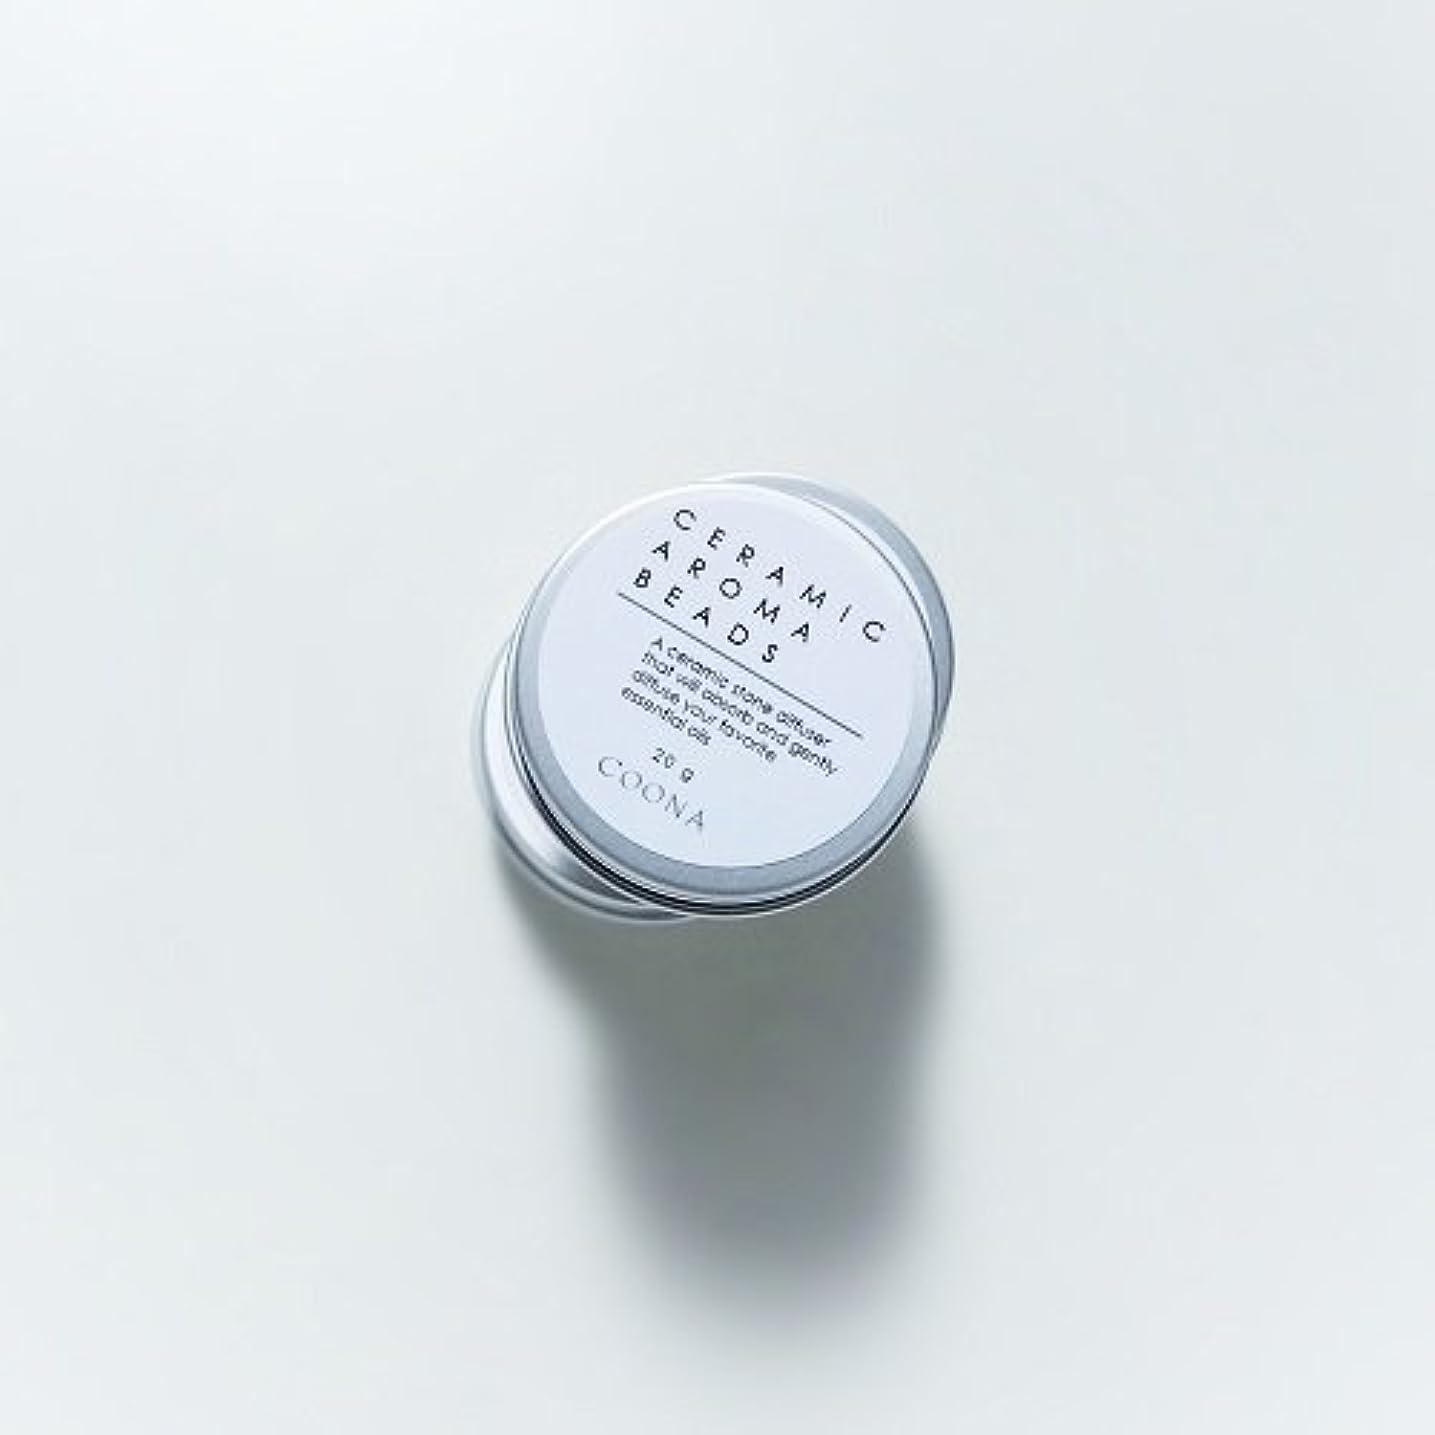 定期的にヤギきしむセラミックアロマビーズ(缶入り アロマストーン エコディフューザー)20g×1個